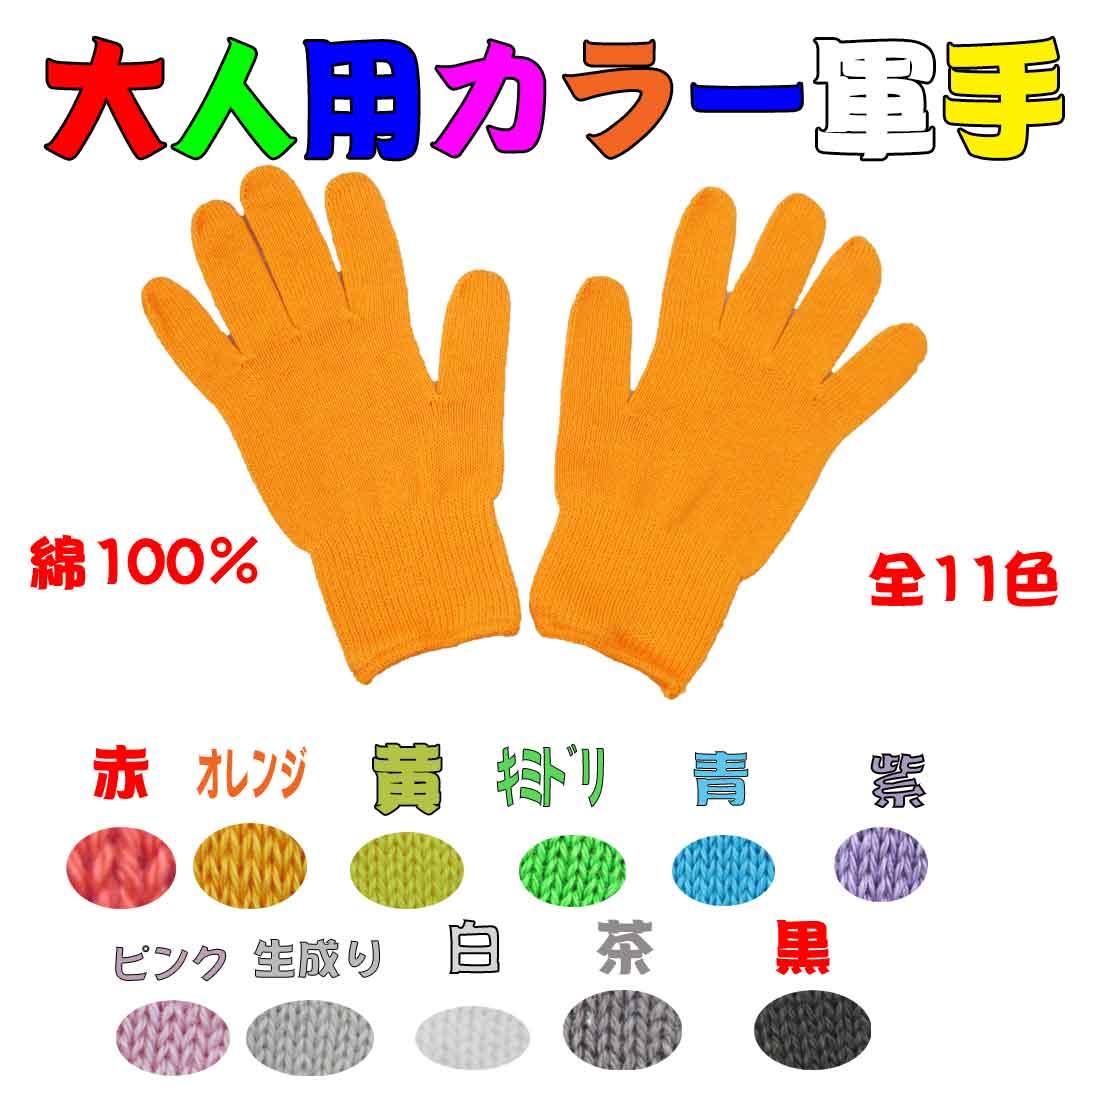 大人用カラー軍手 国産 綿100%  カラー軍手、女性用 男性用 手袋(全11色)軍手 カラー手袋 運動会 イベント